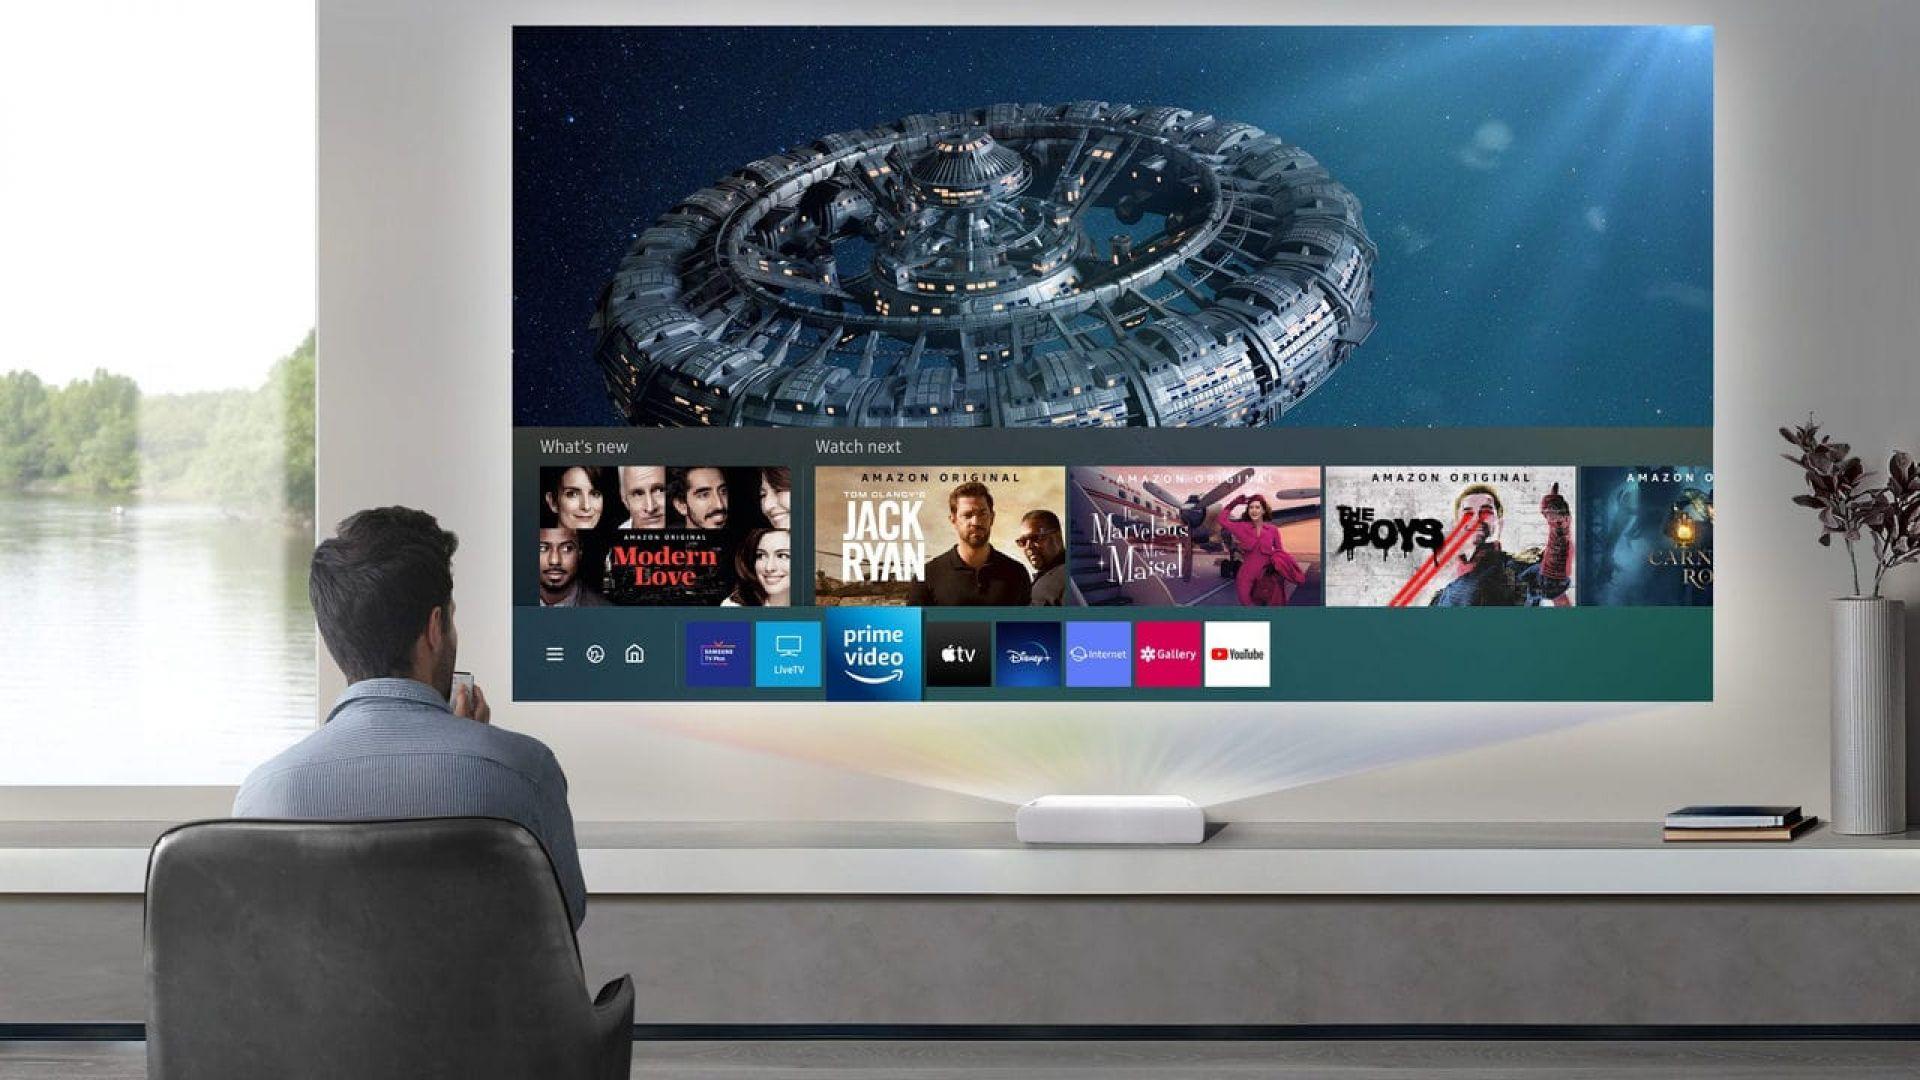 Само с един клик може да гледате любимите си сериали от Netflix